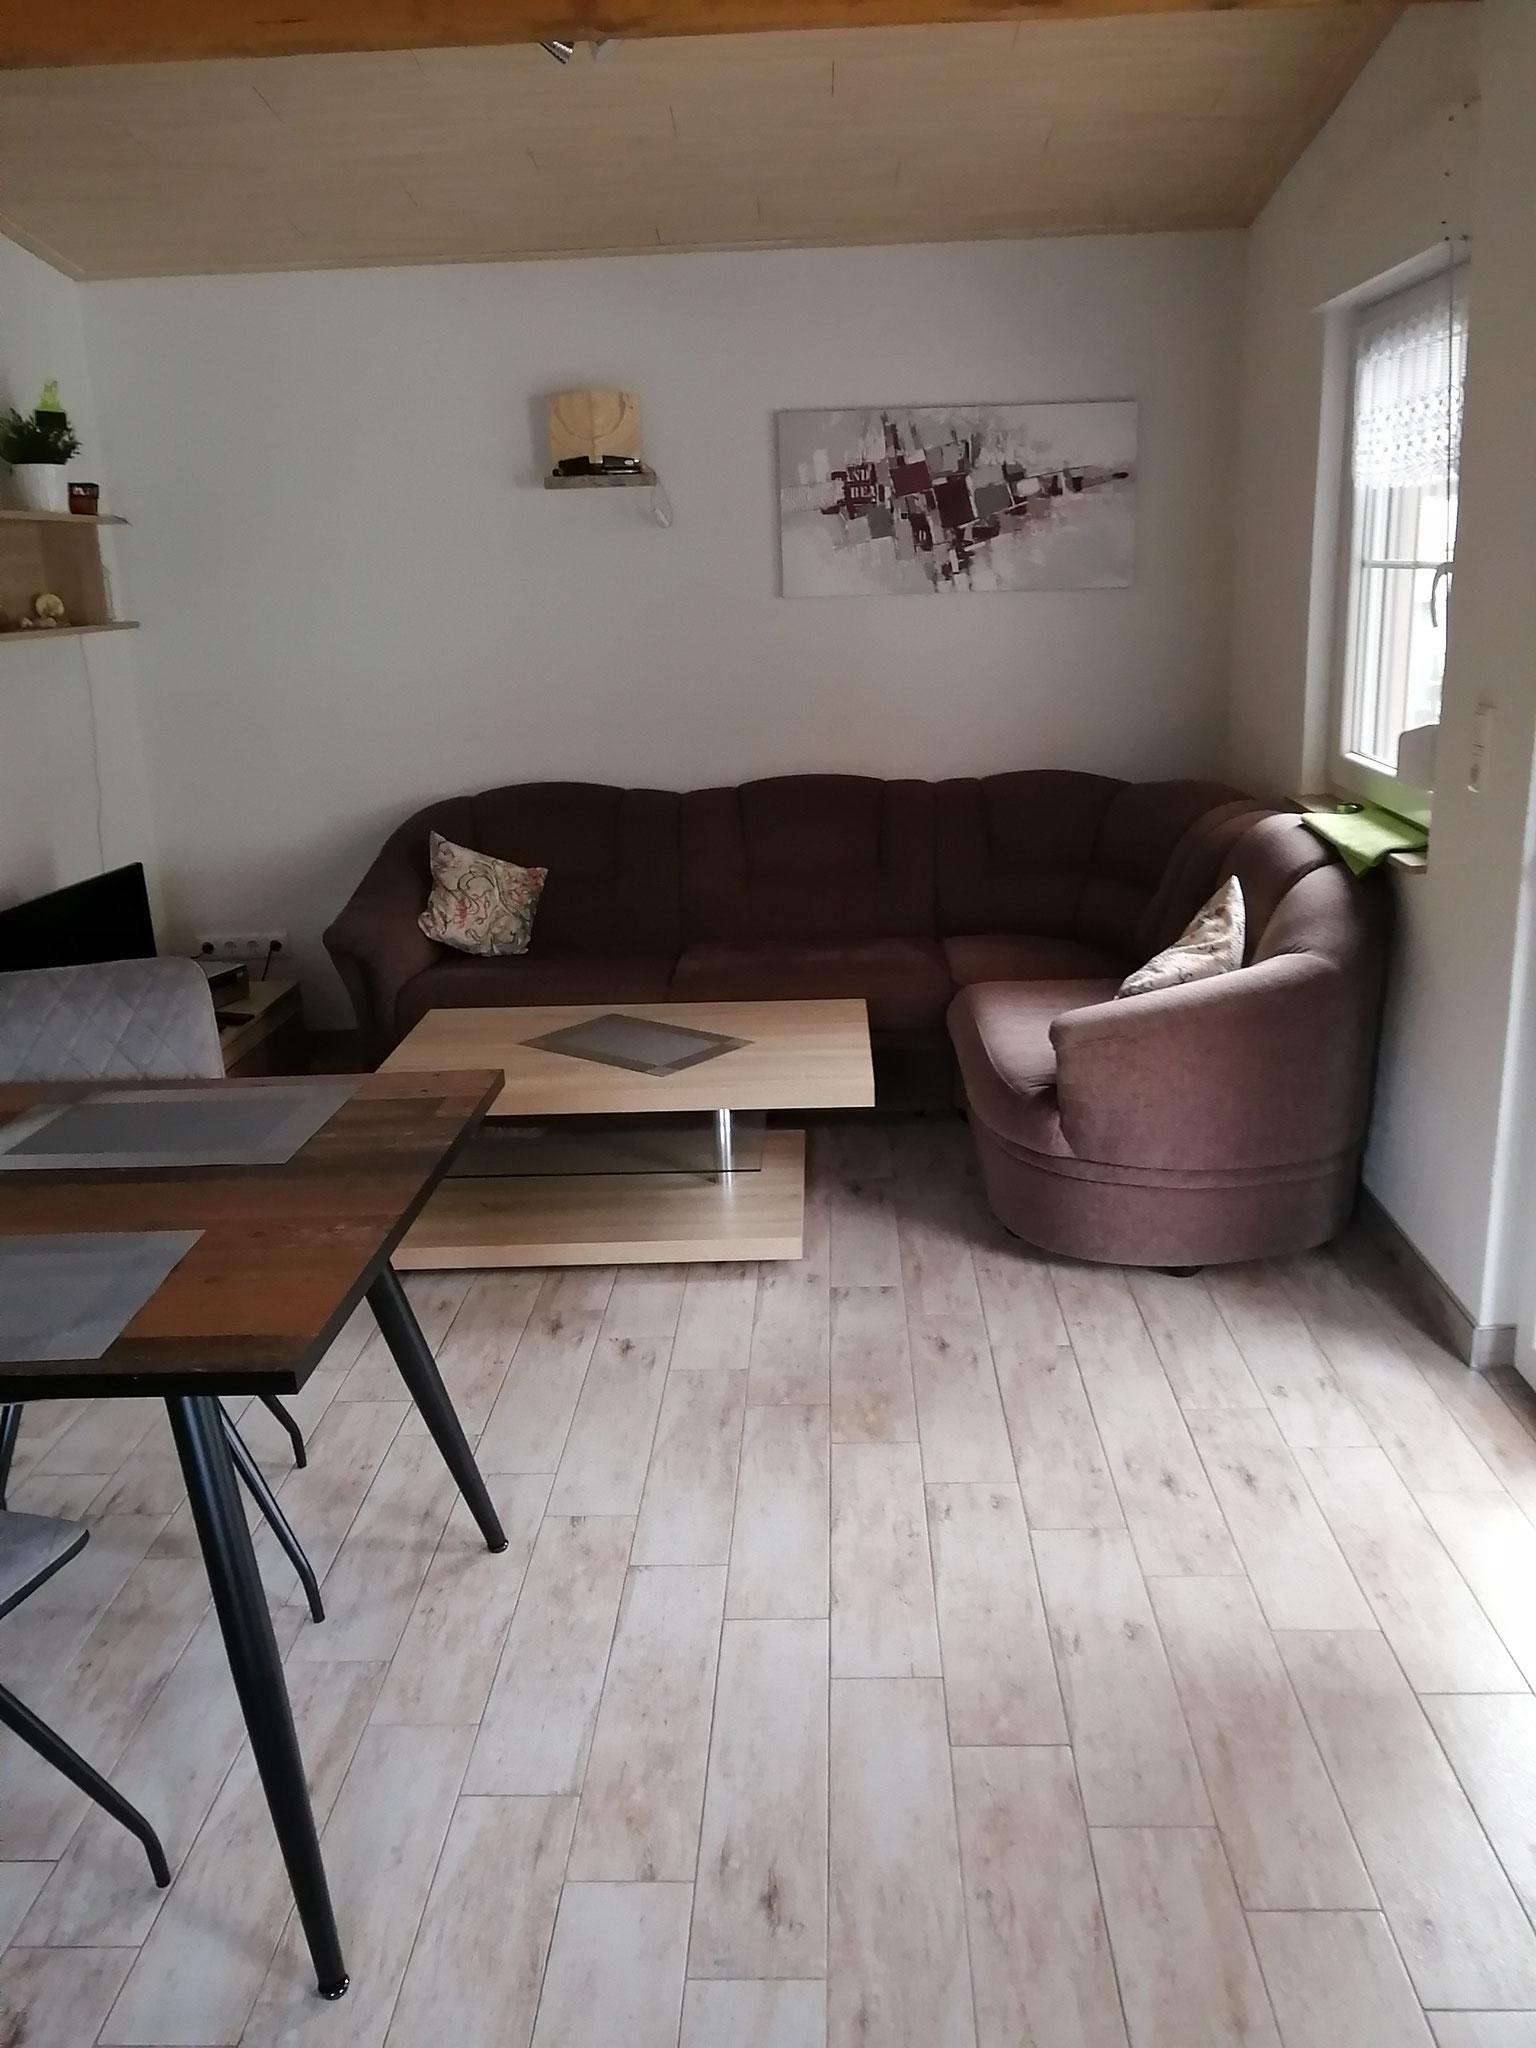 Blick von der Küchenzeile zur Couch